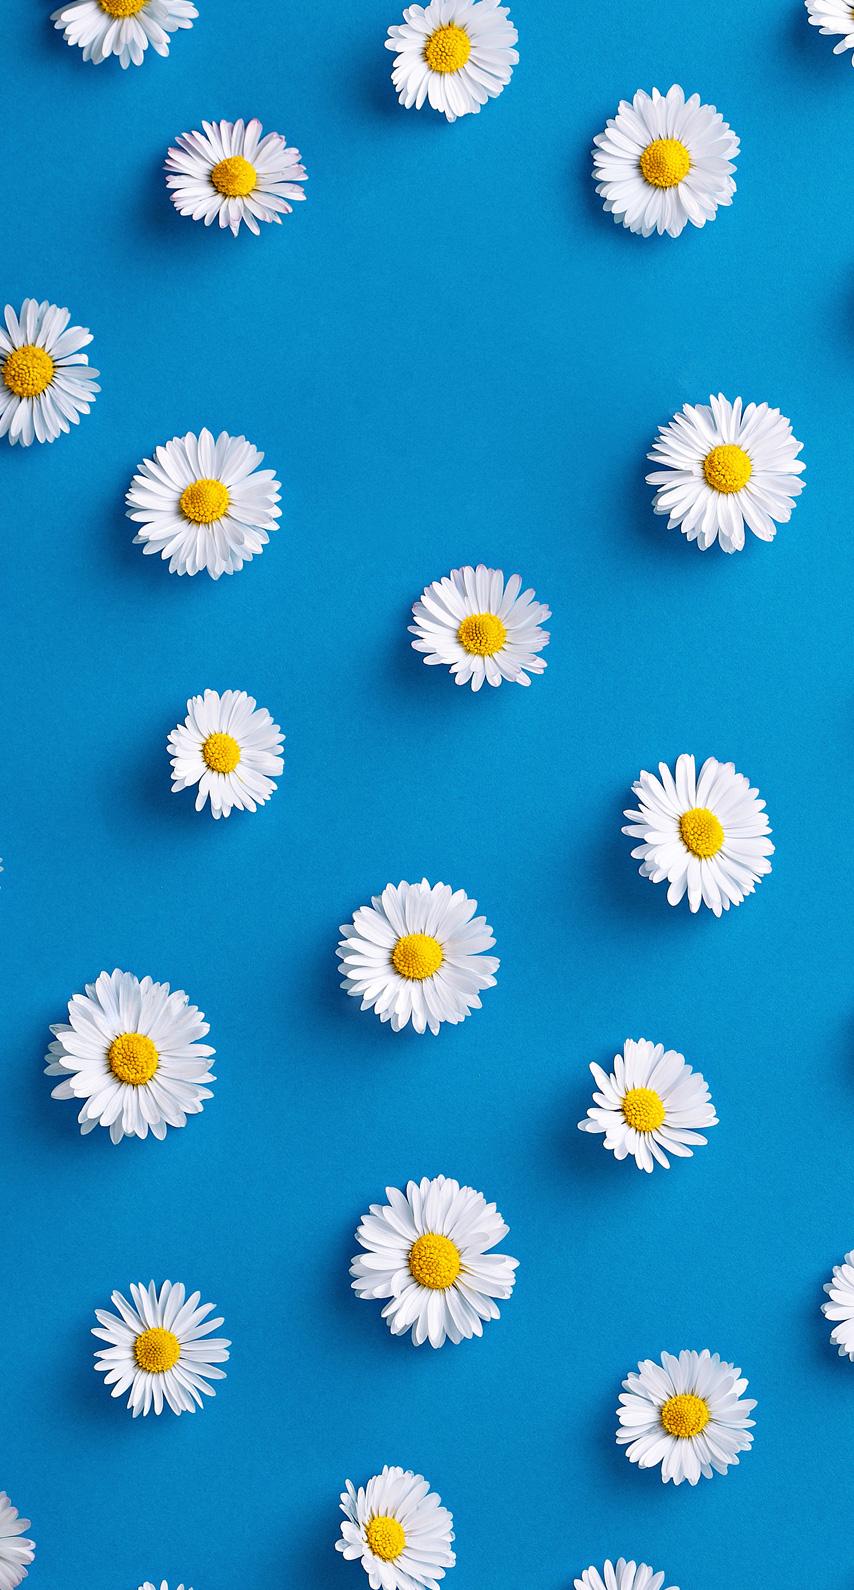 floral, daisy